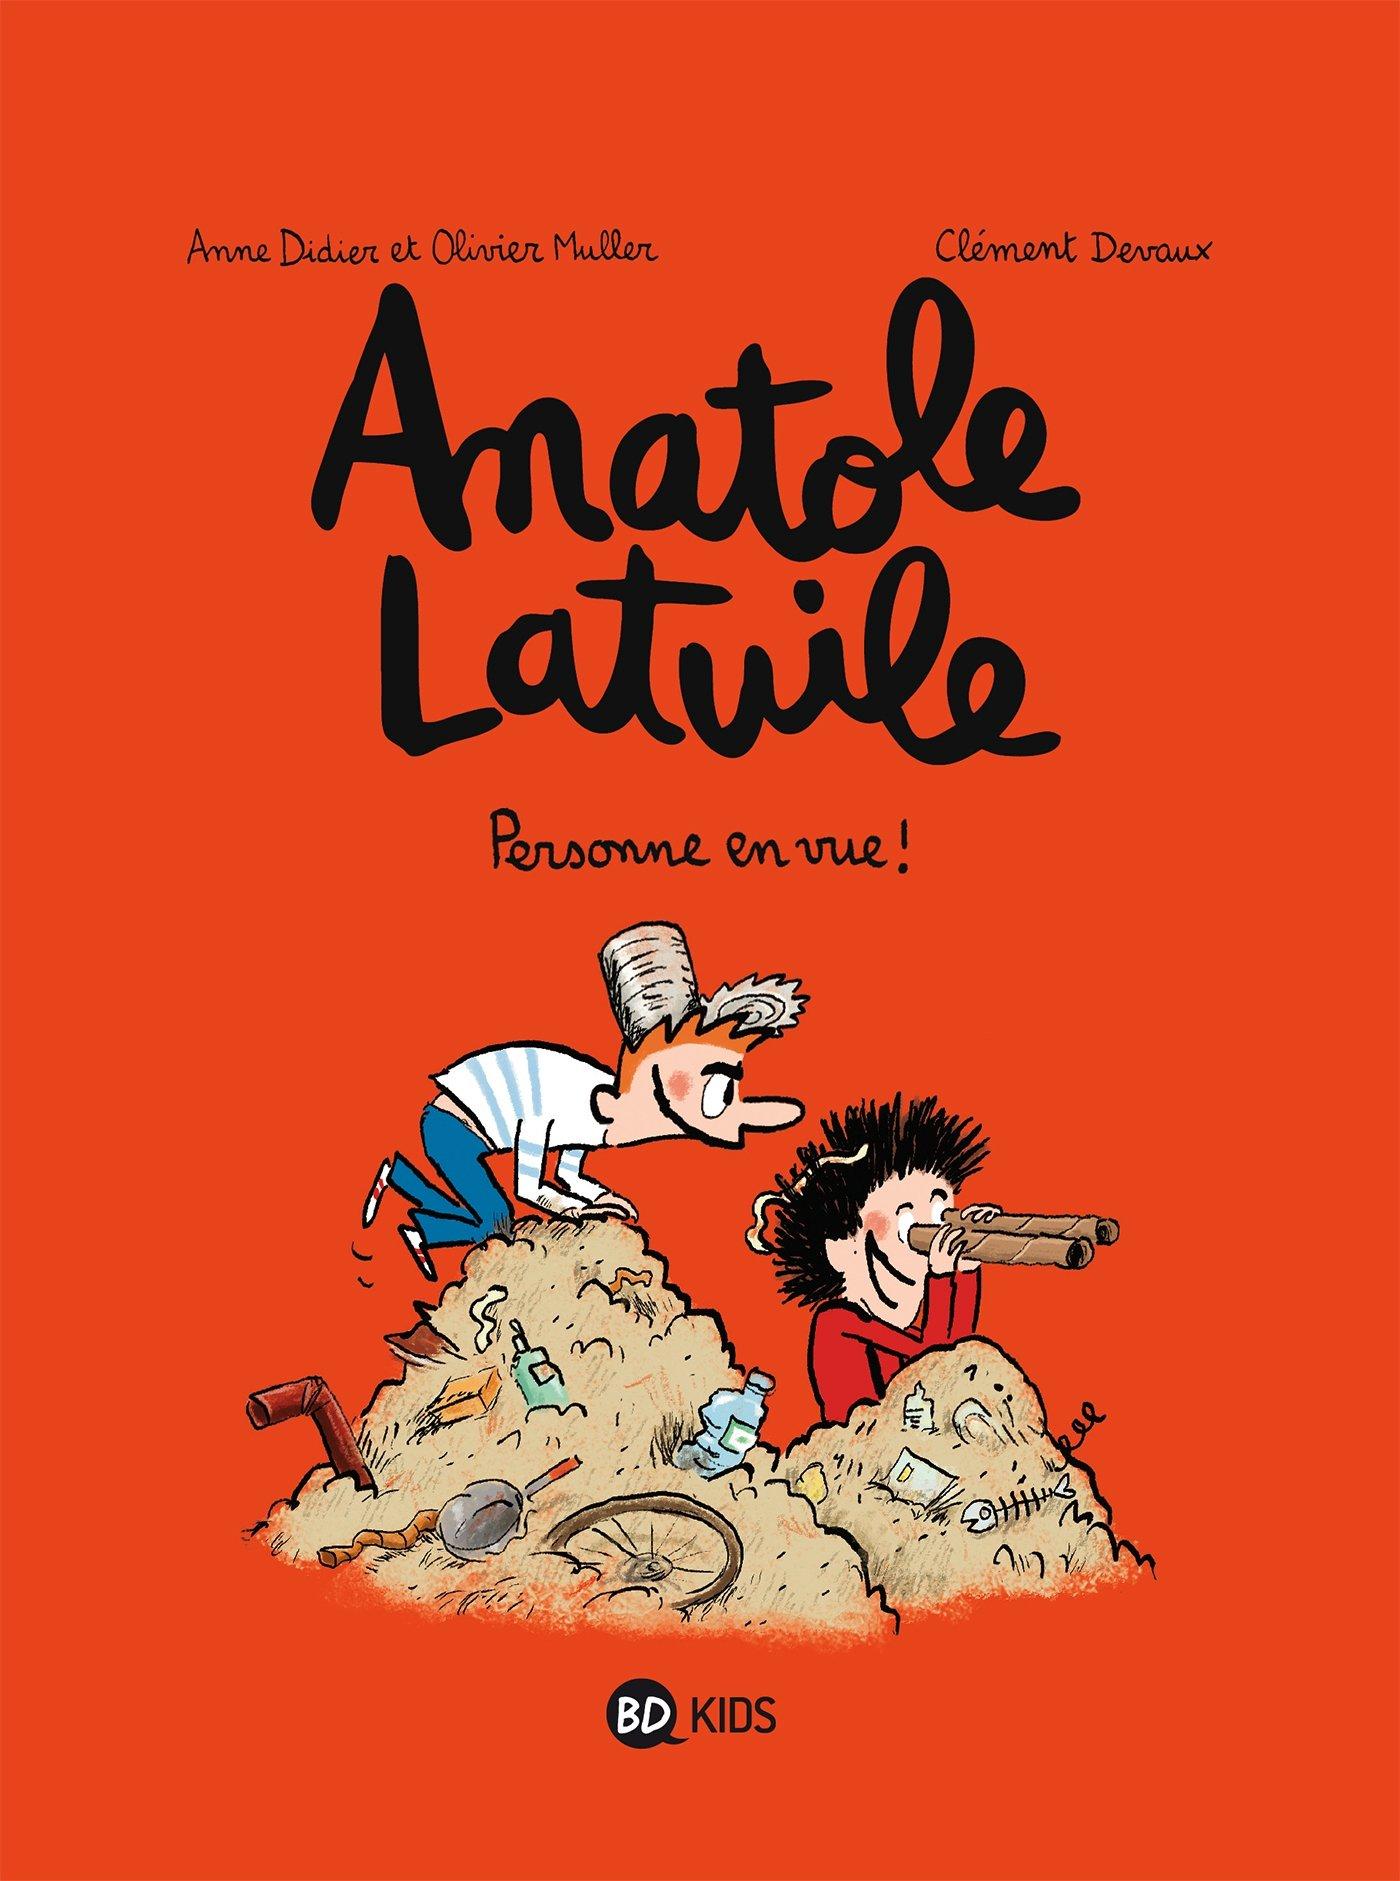 Anatole Latuile, Tome 03: Personne en vue Album – 12 mars 2011 Anne Didier Olivier Muller Clément Devaux BD Kids